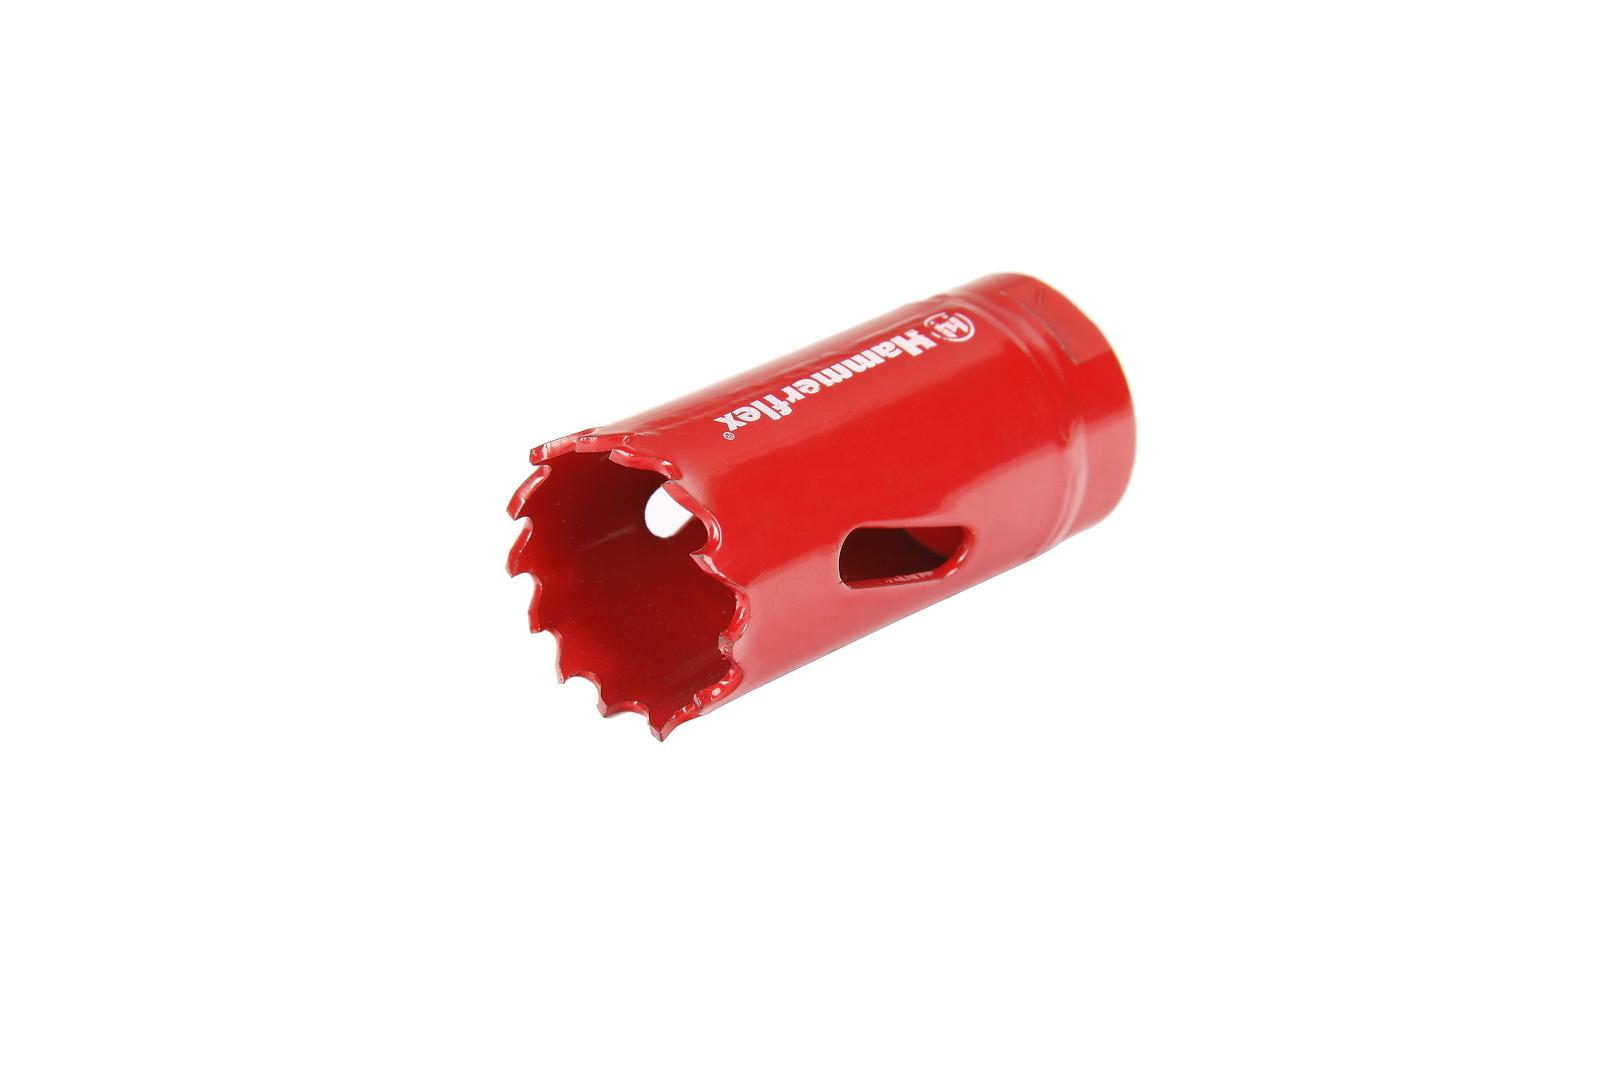 Коронка биметаллическая Hammer 224-004 bimetall 25 мм коронка биметаллическая hammer 224 011 bimetall 57 мм